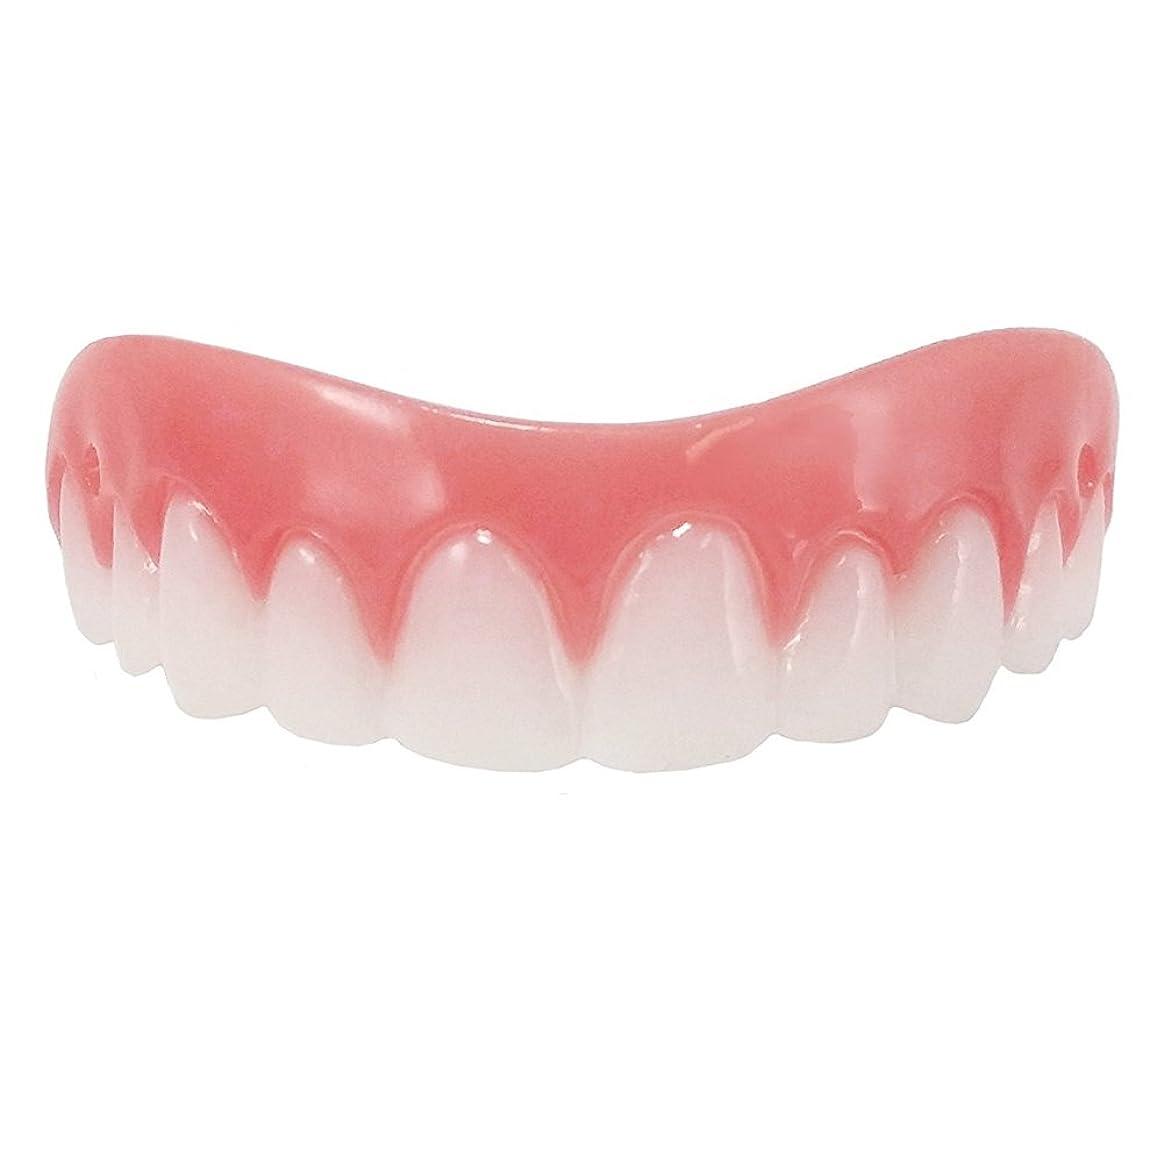 精緻化かご増幅するシリコン義歯ペースト 美容用 入れ歯 上歯 下歯2個セット (free size)